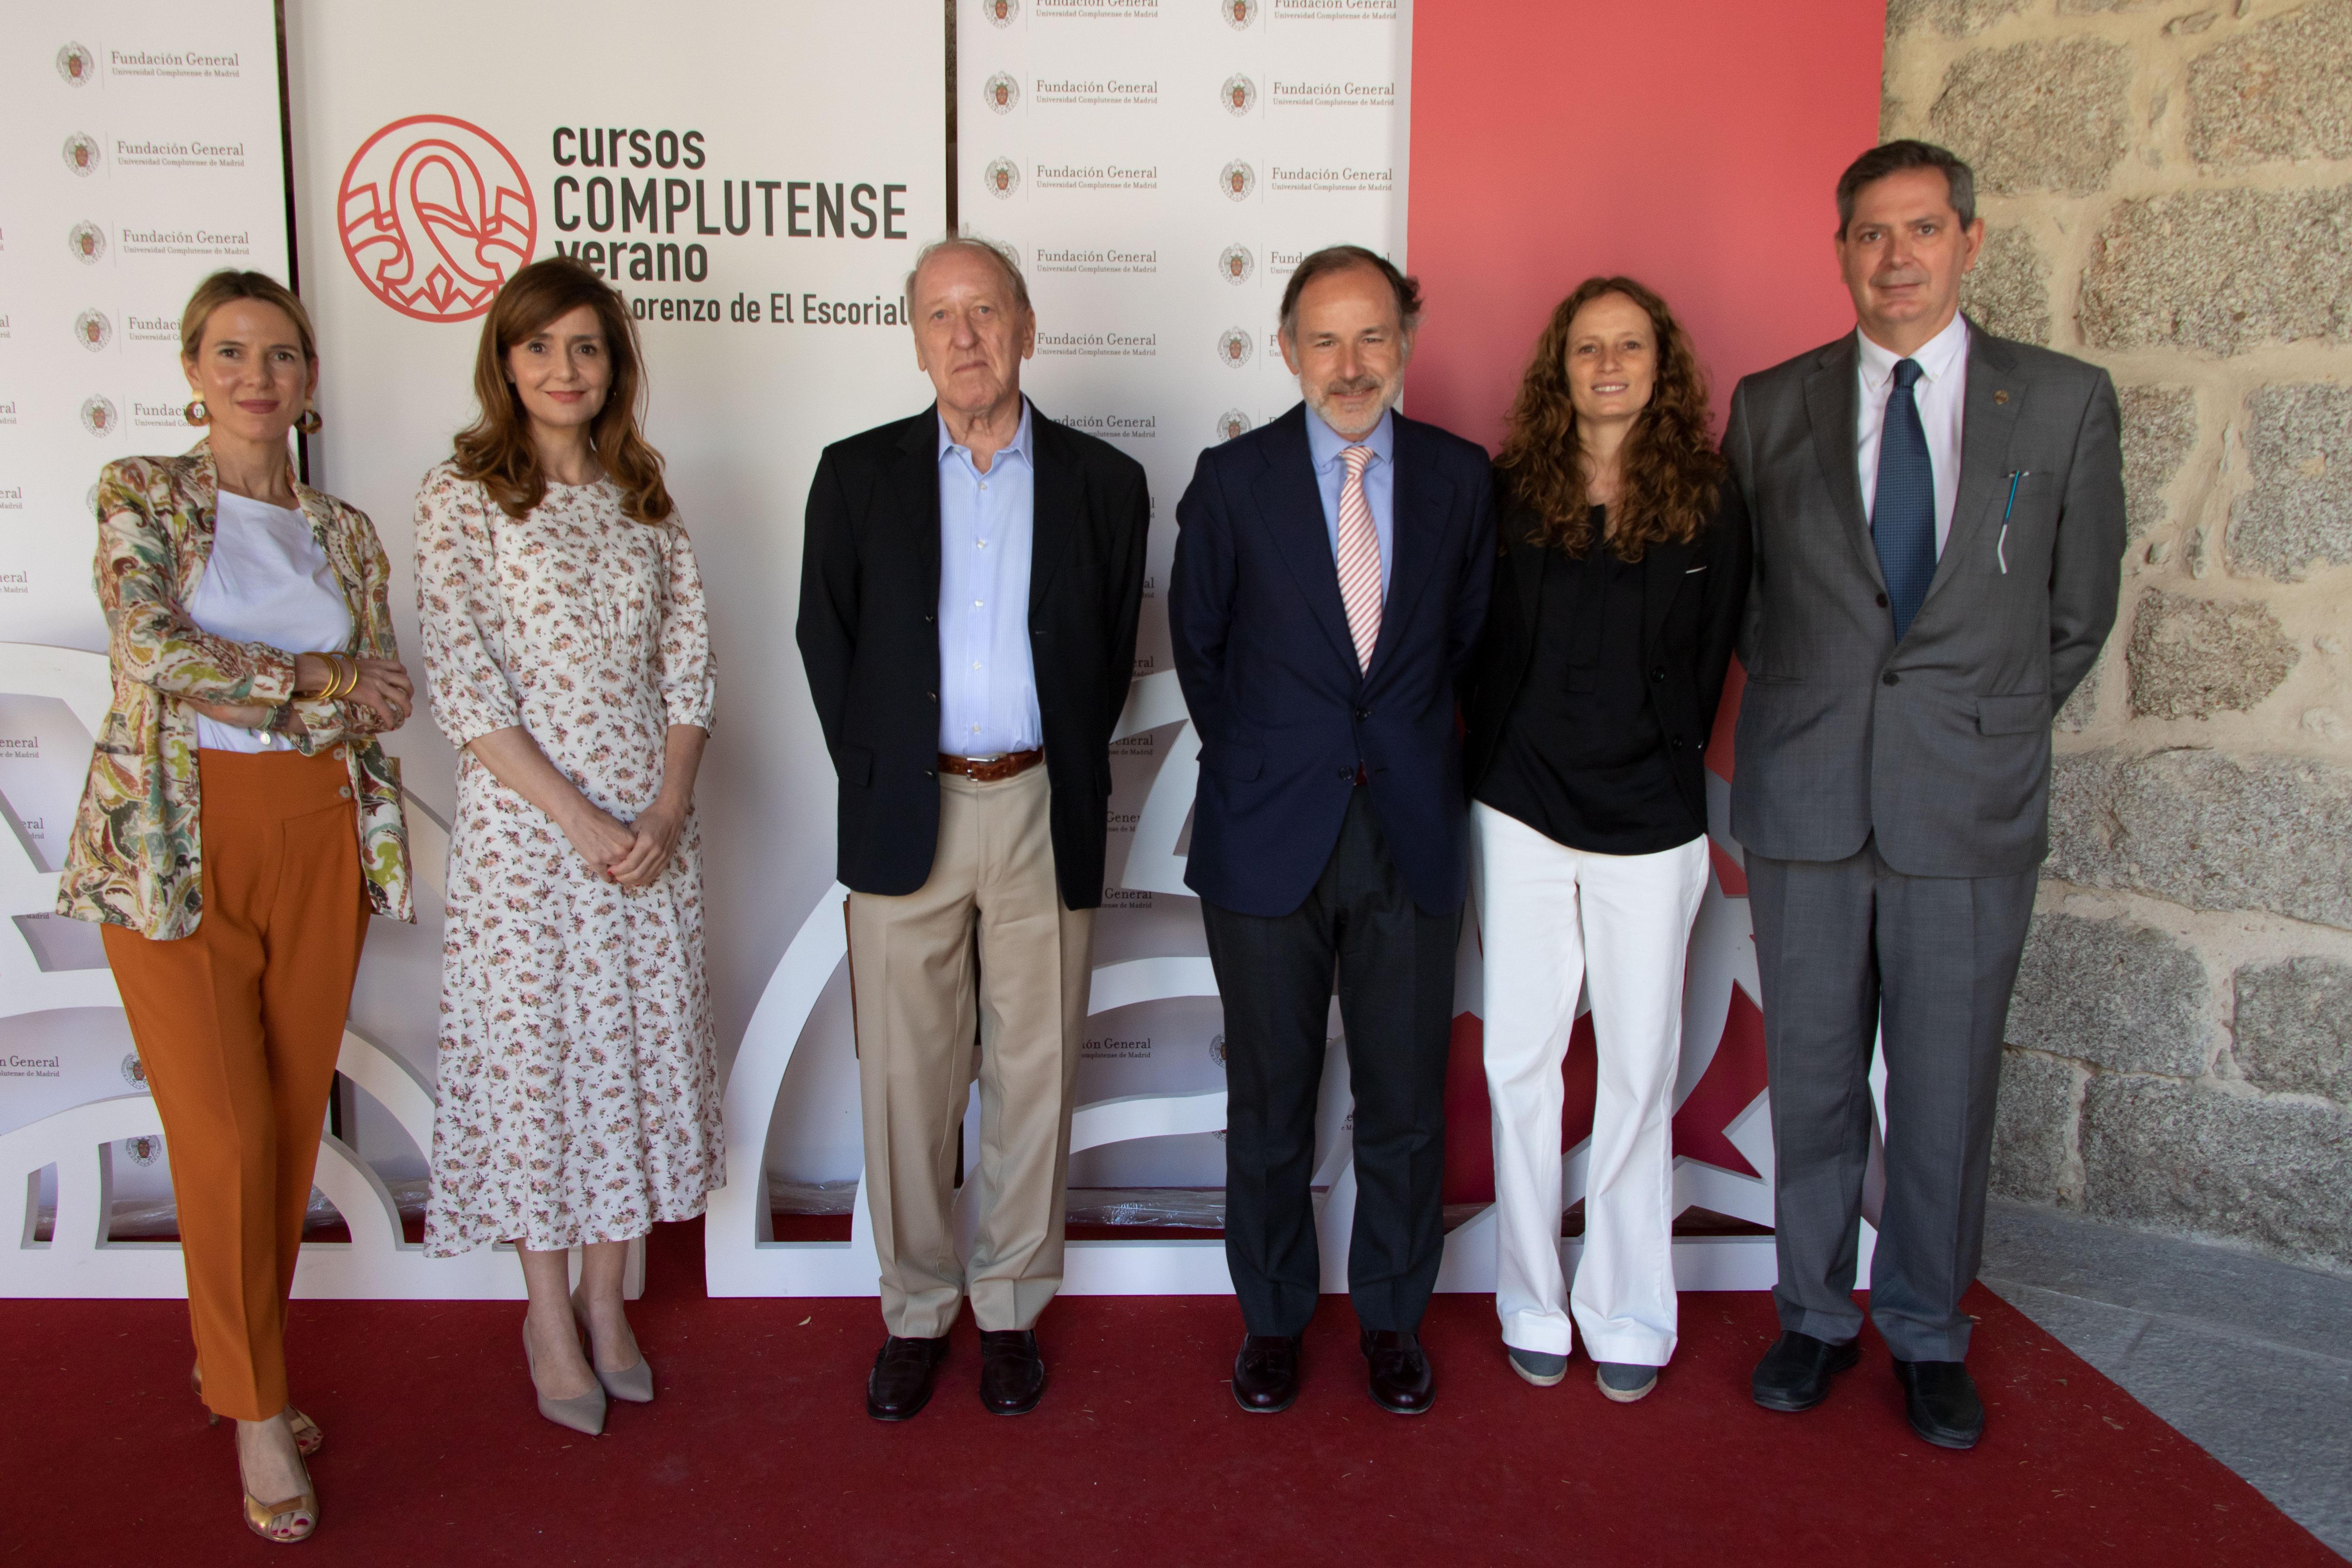 Tomás Ramón Fernández cree que no hay que tener un entusiasmo excesivo con el Plan de Recuperación